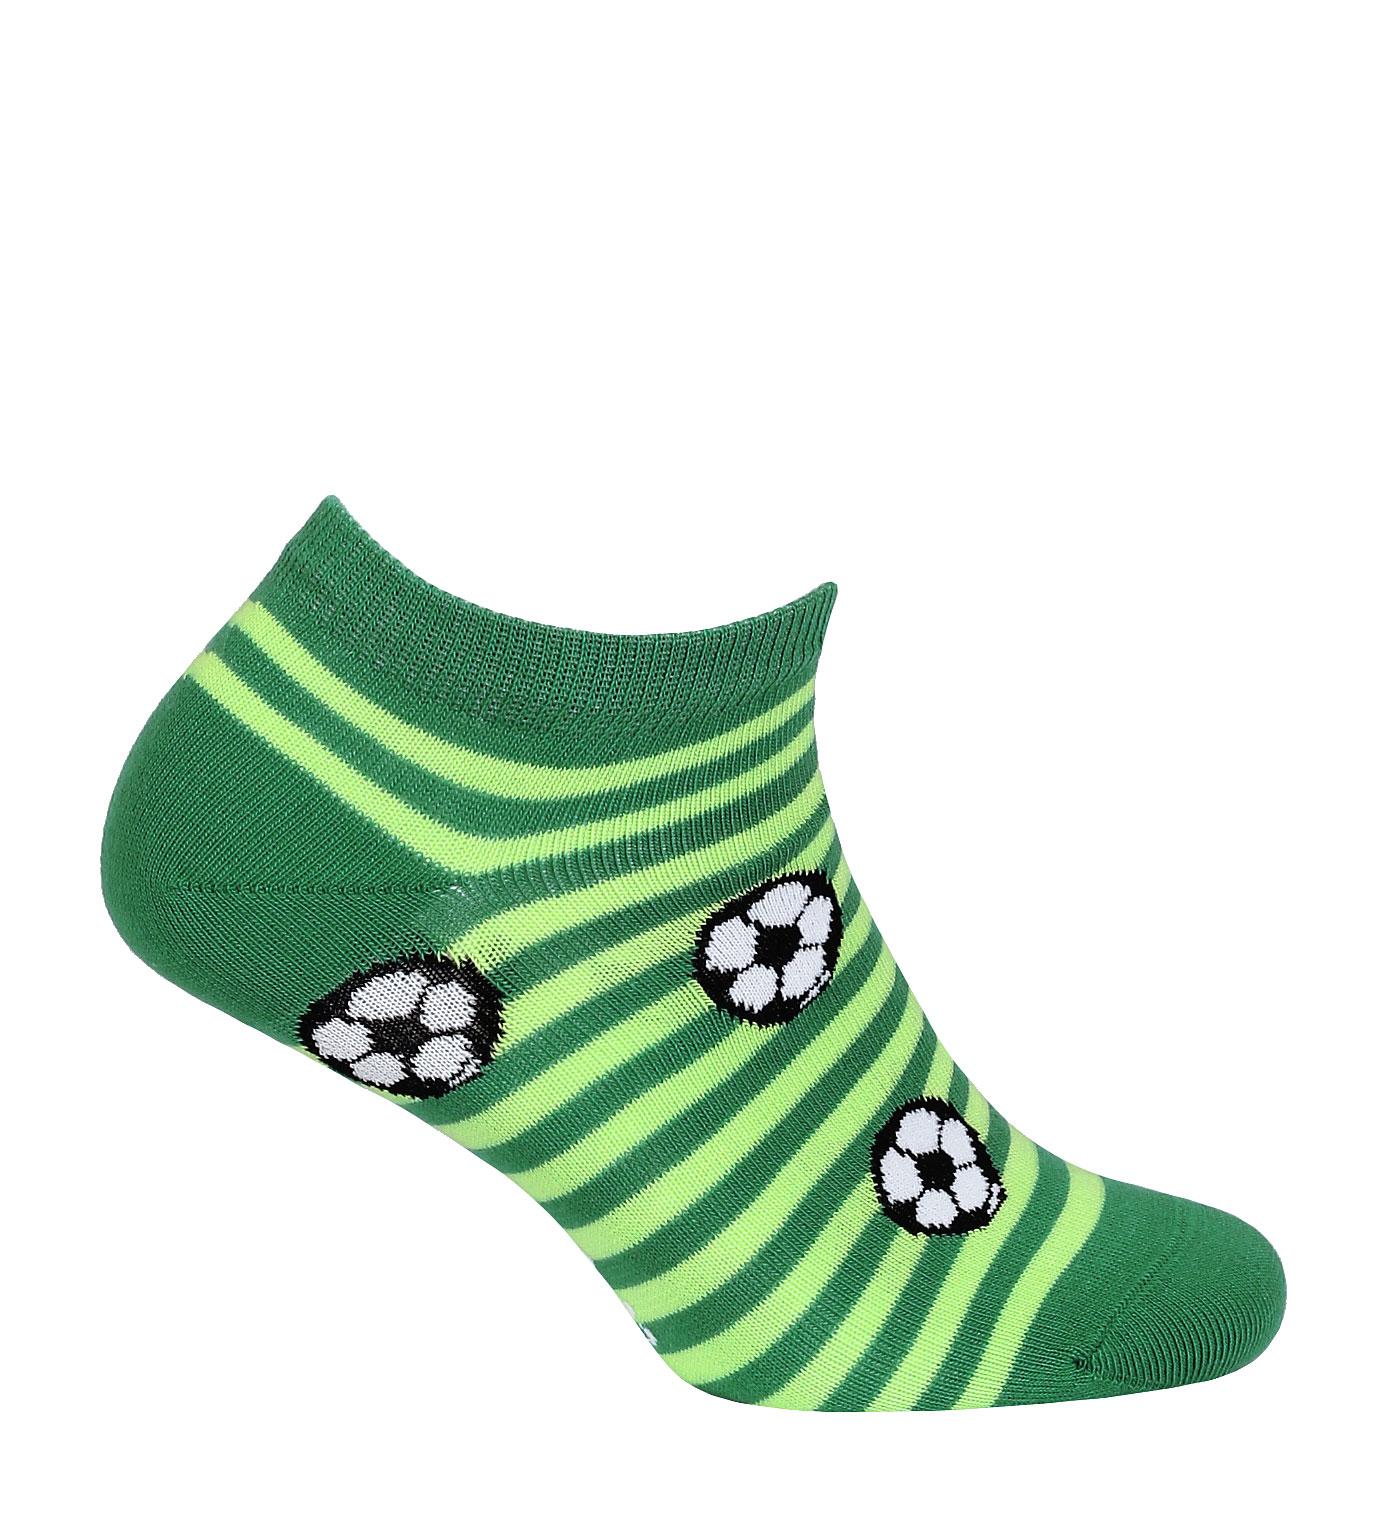 Chlapecké kotníkové ponožky WOLA FOTBALOVÉ MÍČE zelené Velikost: 24-26